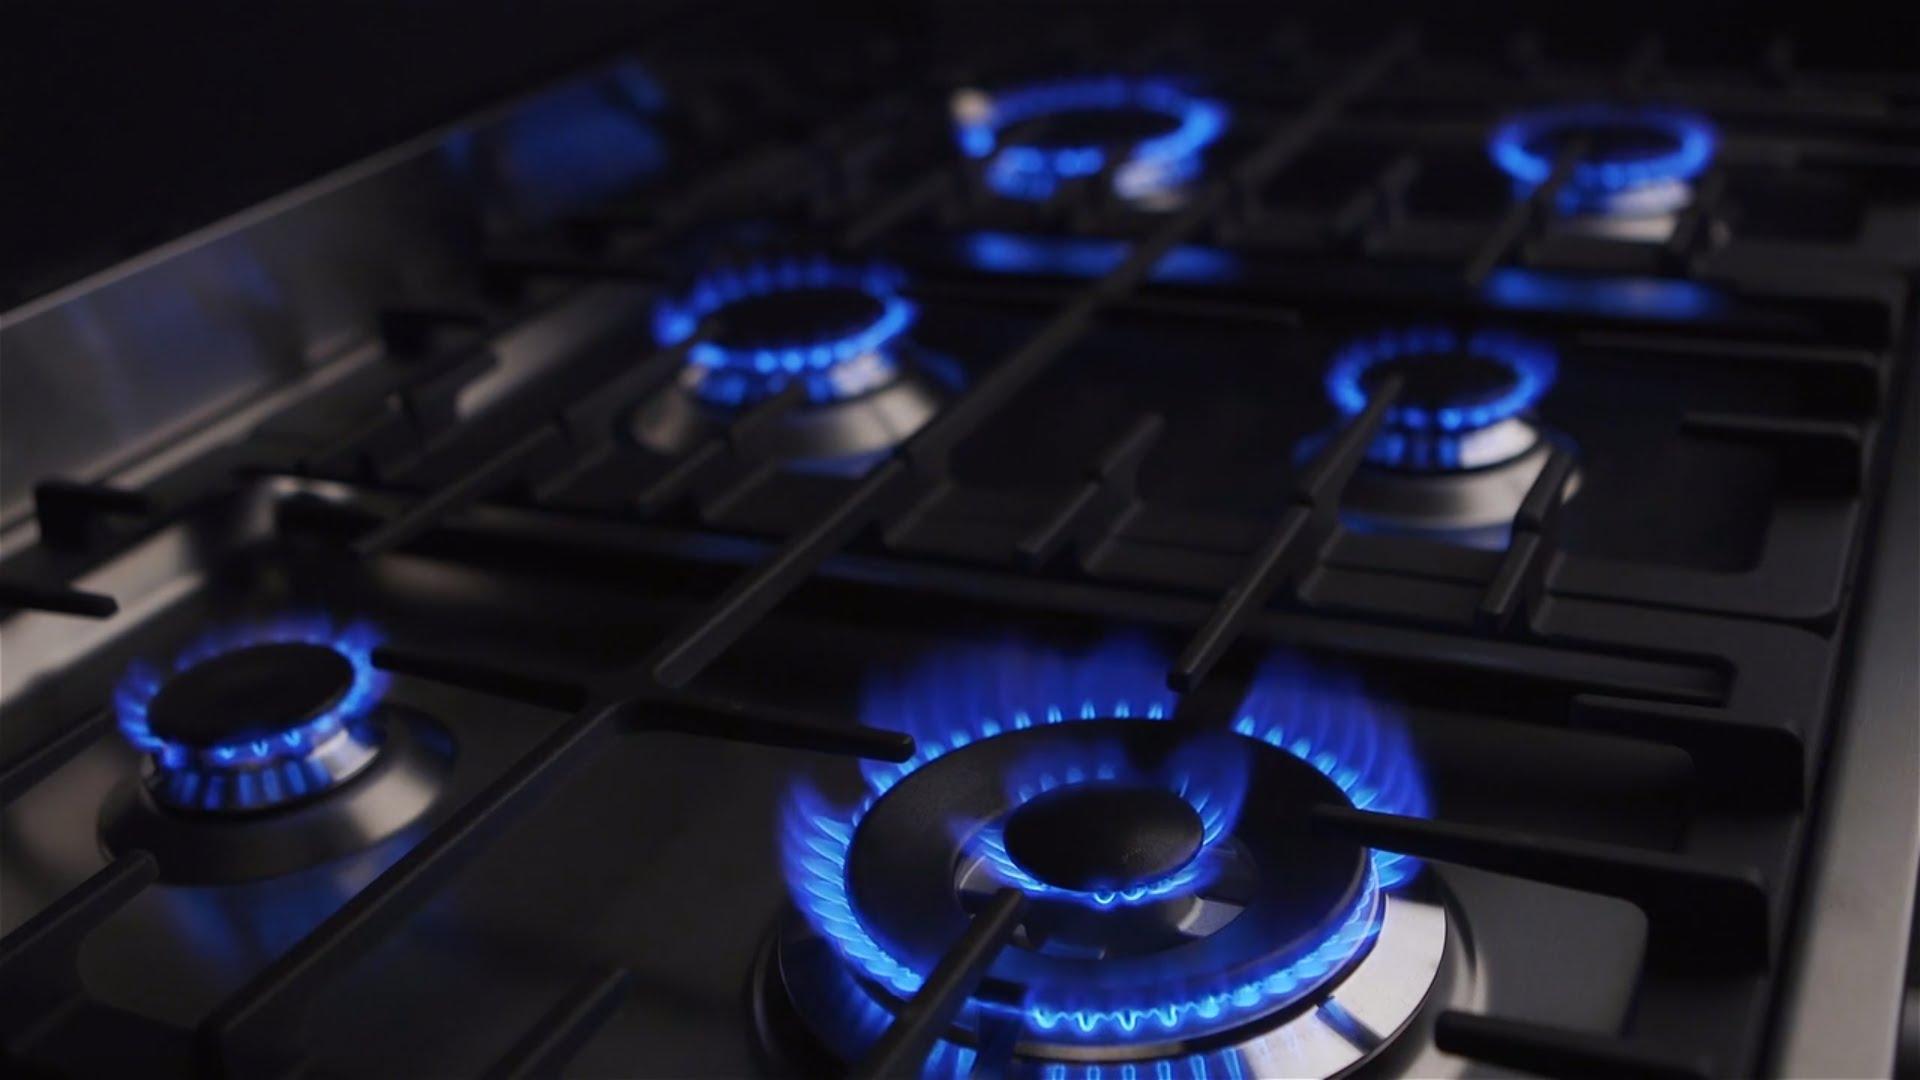 Uitzonderlijk Zelf de gasaansluiting controleren - Loodgieter Purmerend OX52